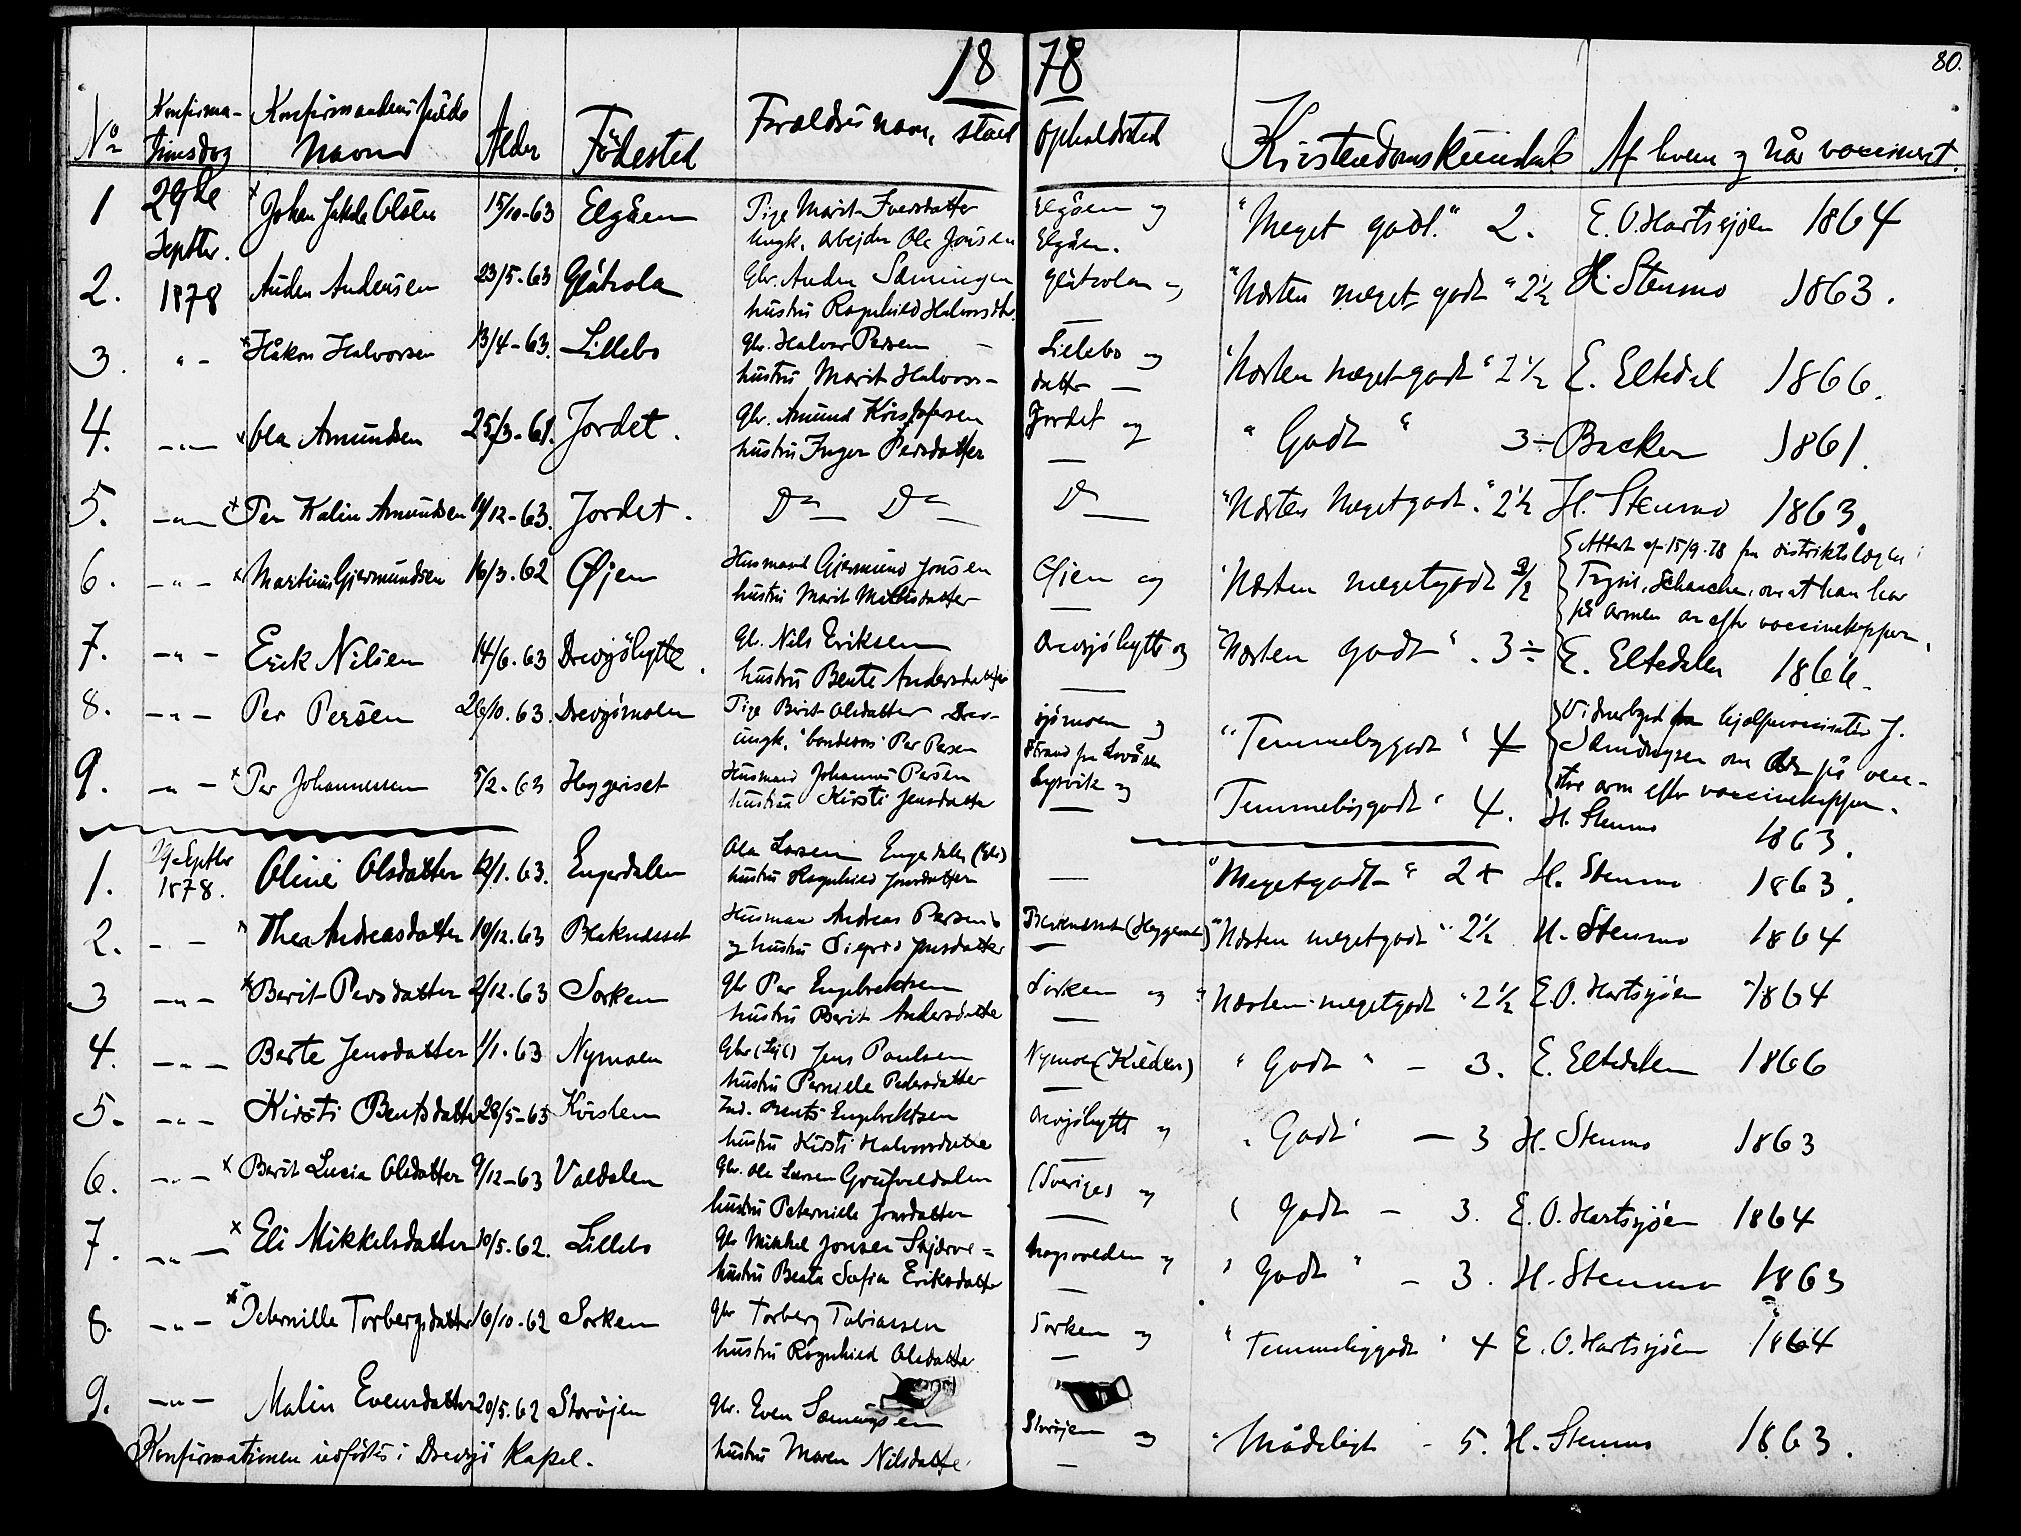 SAH, Rendalen prestekontor, H/Ha/Hab/L0002: Klokkerbok nr. 2, 1858-1880, s. 80